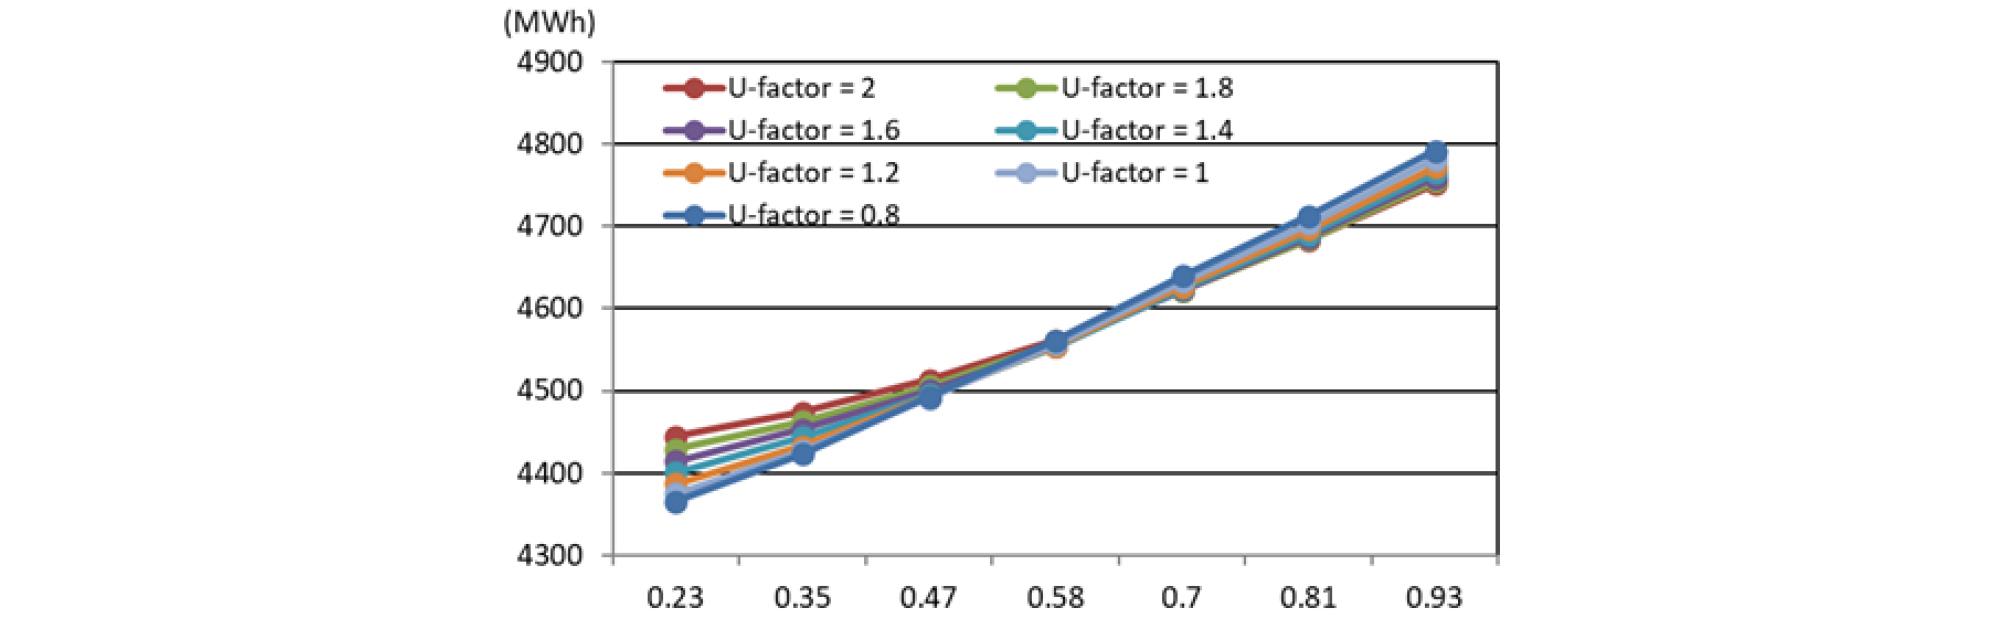 http://static.apub.kr/journalsite/sites/kiaebs/2020-014-04/N0280140402/images/Figure_KIAEBS_14_4_02_F3.jpg